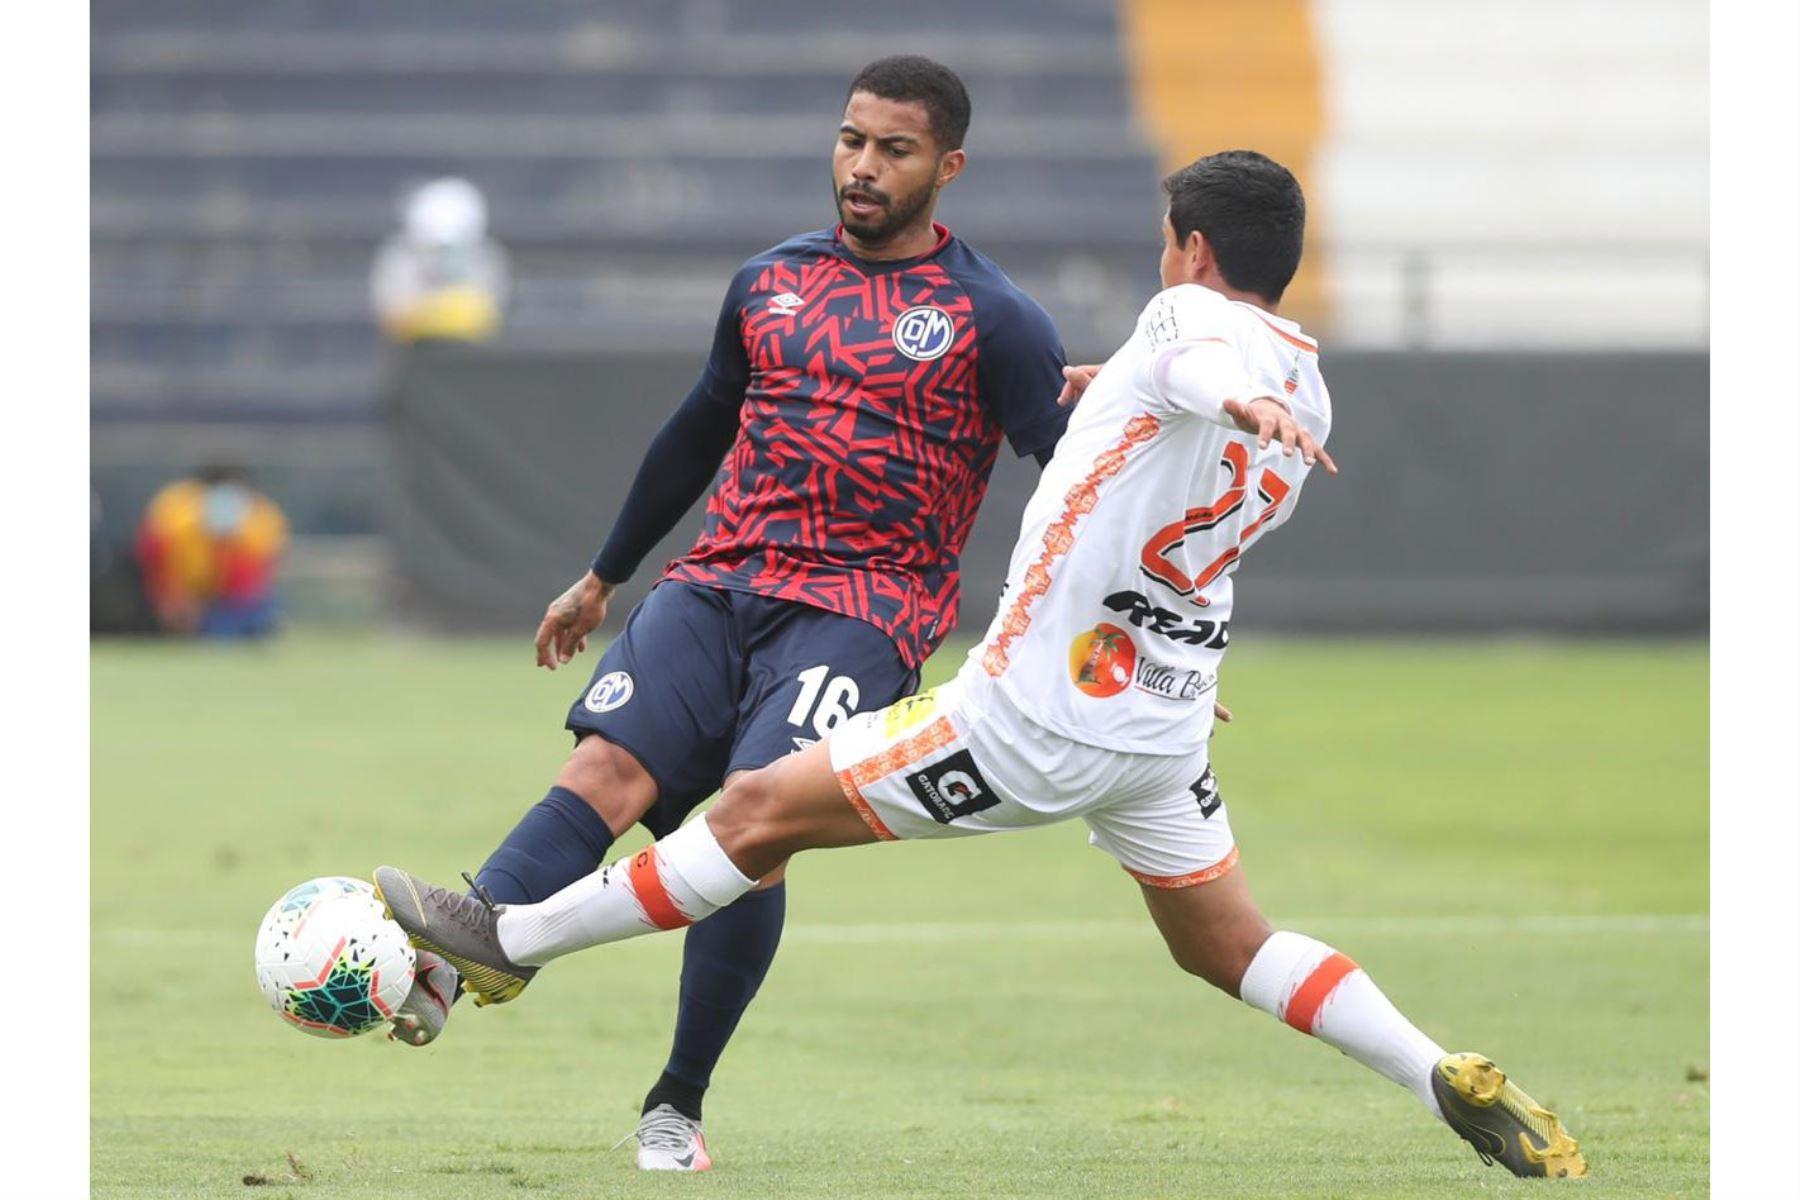 El futbolista Y. Córdoba del Deportivo Municipal disputa el balón contra su rival P. Casique de Ayacucho FC durante la jornada 11 de la Liga1. de Foto: @LigaFutProf